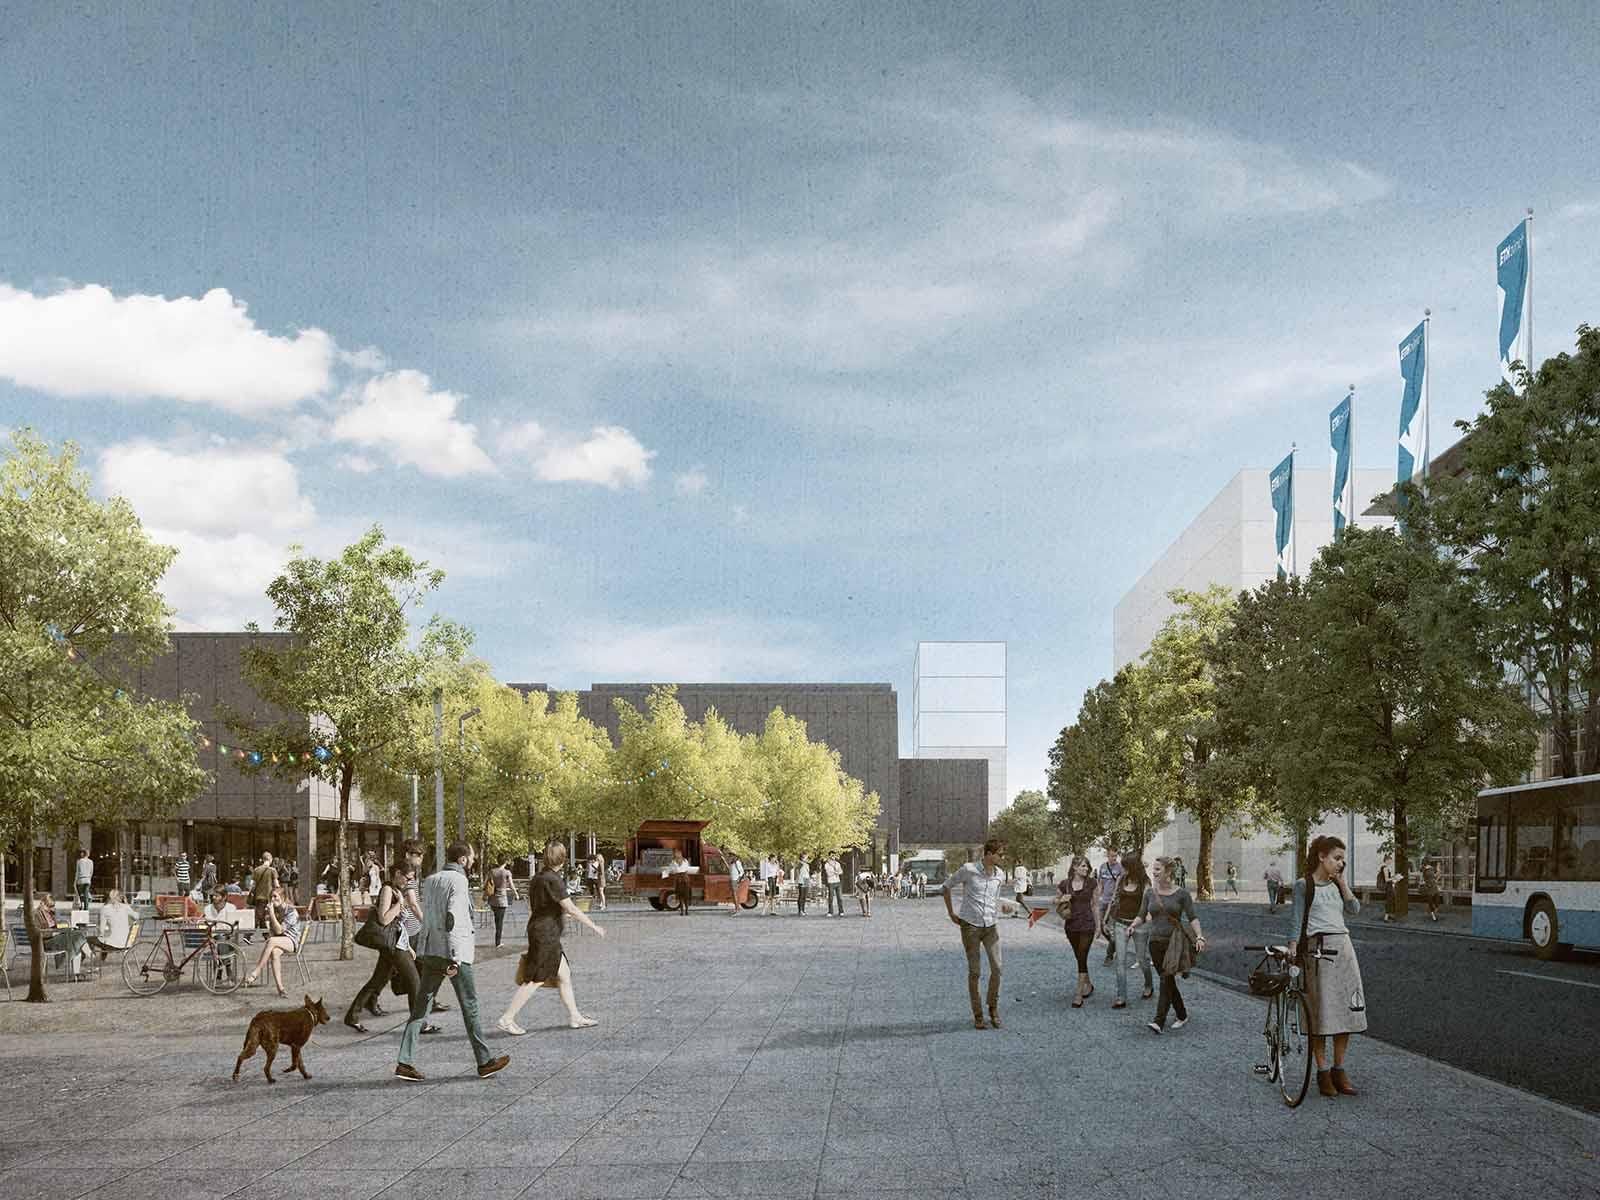 Die Vision 2040 beinhaltet die Umgestaltung der Wolfgang Pauli-Strasse zu einem breiten Boulevard für Fussgänger mit neugestalteten Gärten und Parks. Die geplanten Hochbauten liegen ebenfalls an dieser Strasse.